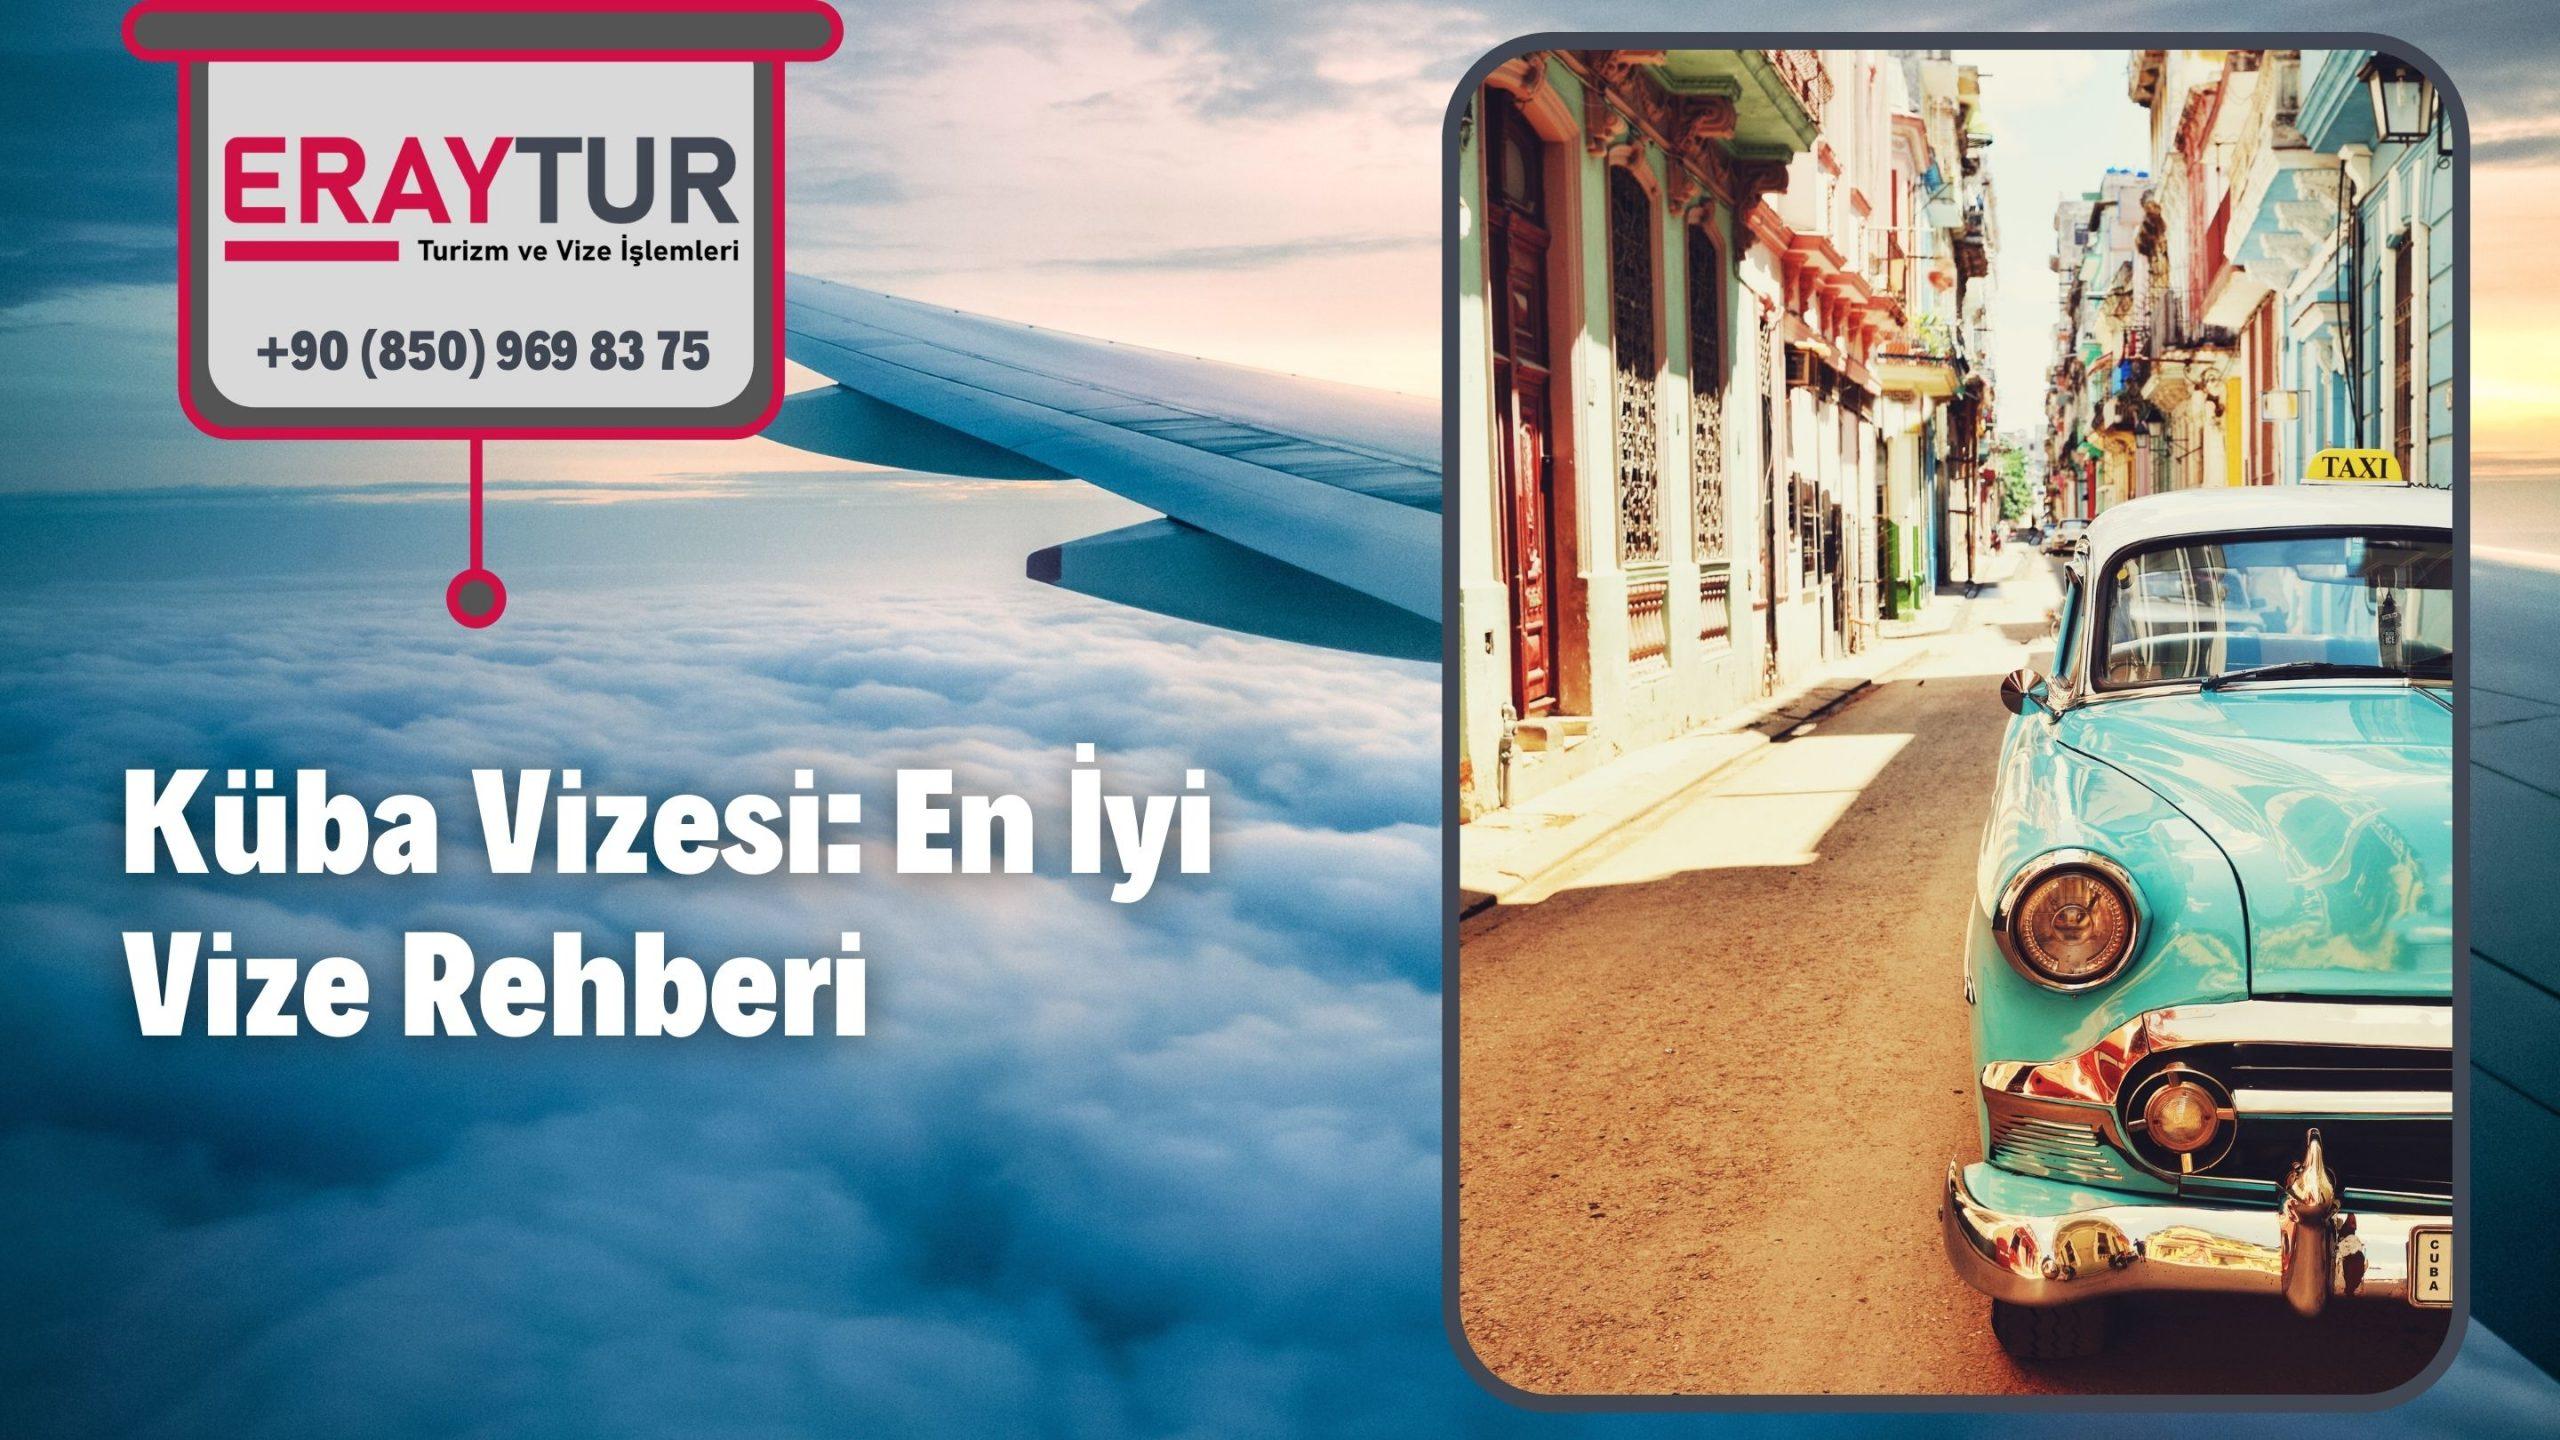 Küba Vizesi: En İyi Vize Rehberi 2021